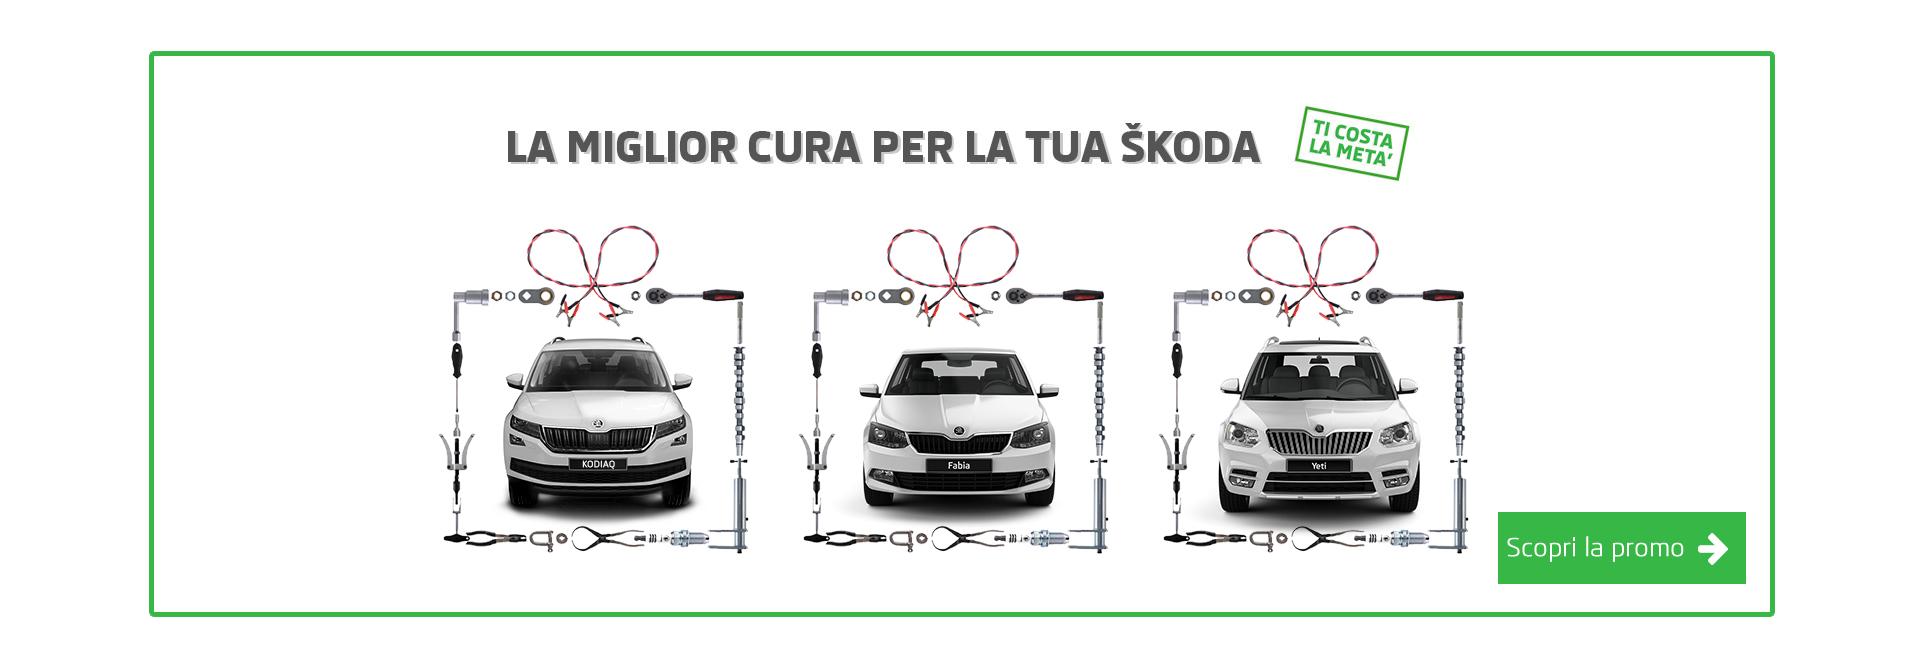 Acquista il pacchetto manutenzione ŠKODA a metà prezzo.